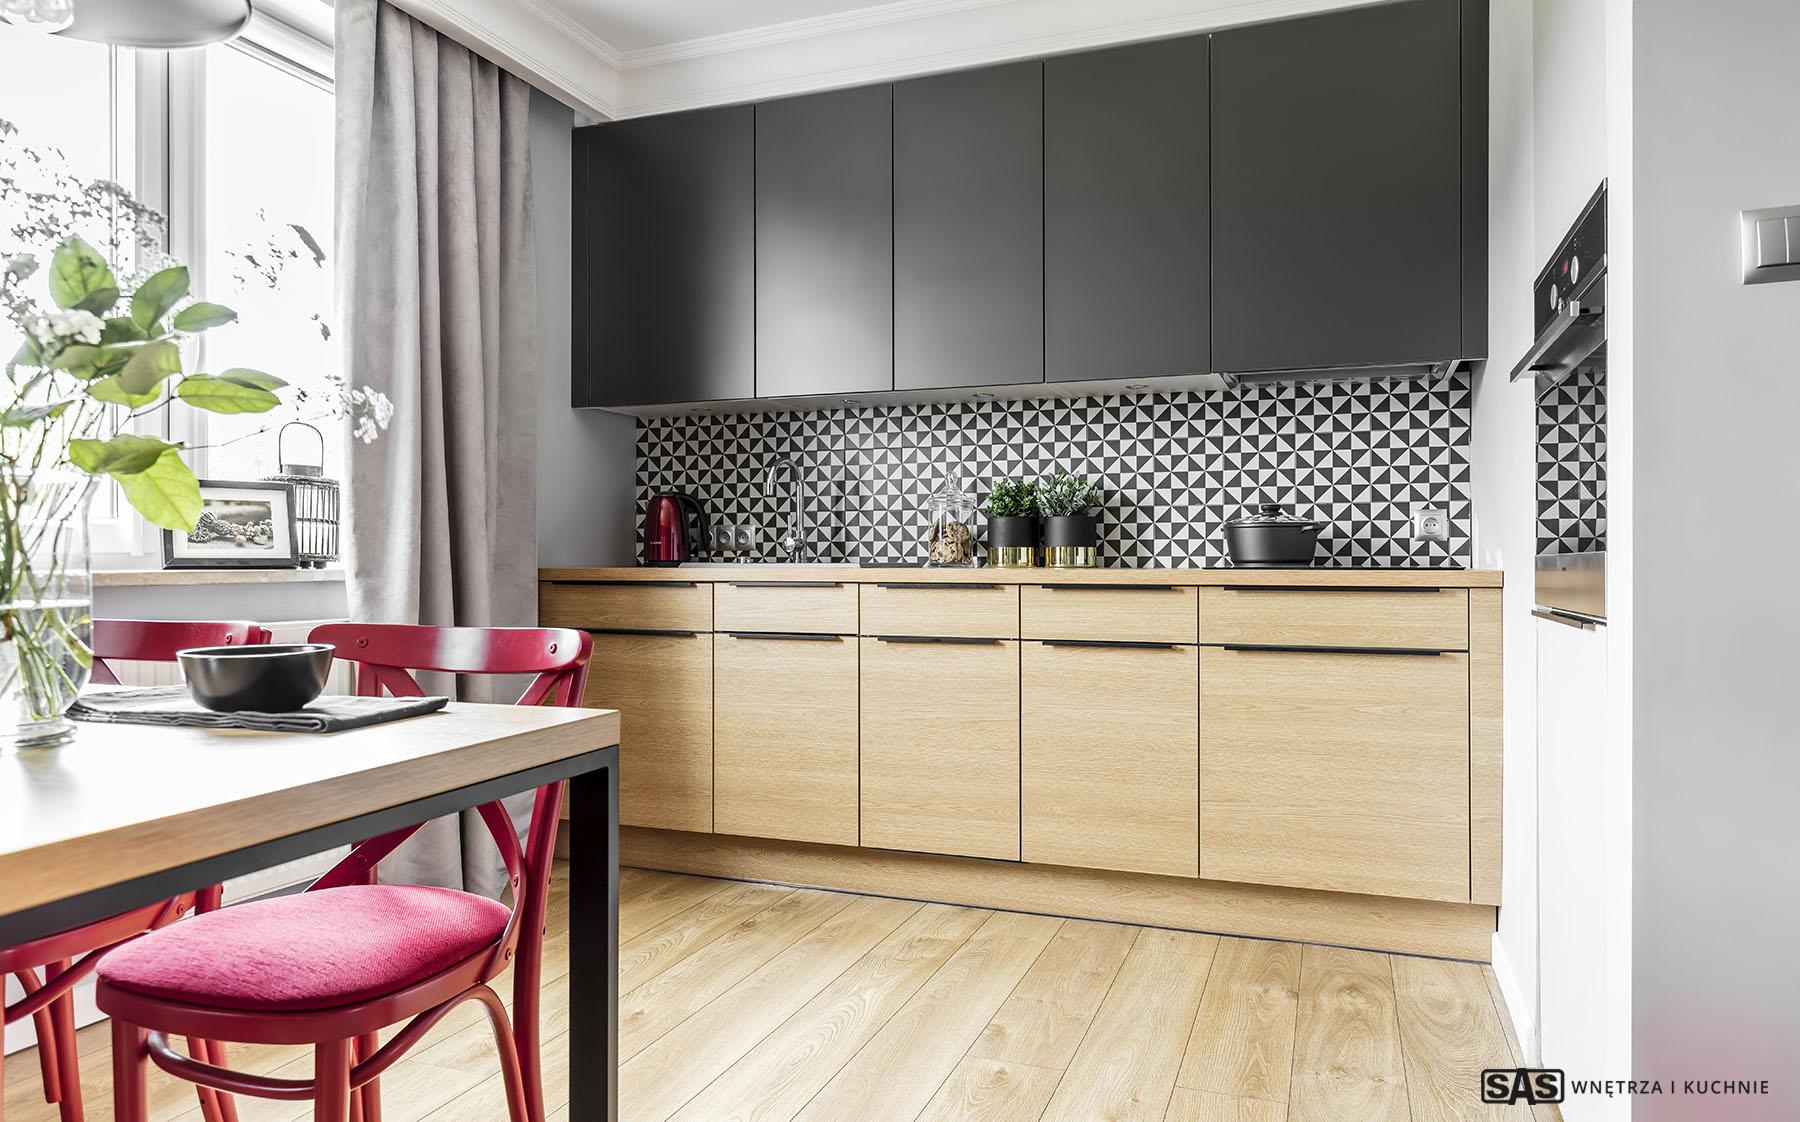 Kuchnia oraz jadalnia - meble kuchenne SAS Wnętrza i Kuchnia, projekt architekt wnętrz Emilia Strzempek Plasun.